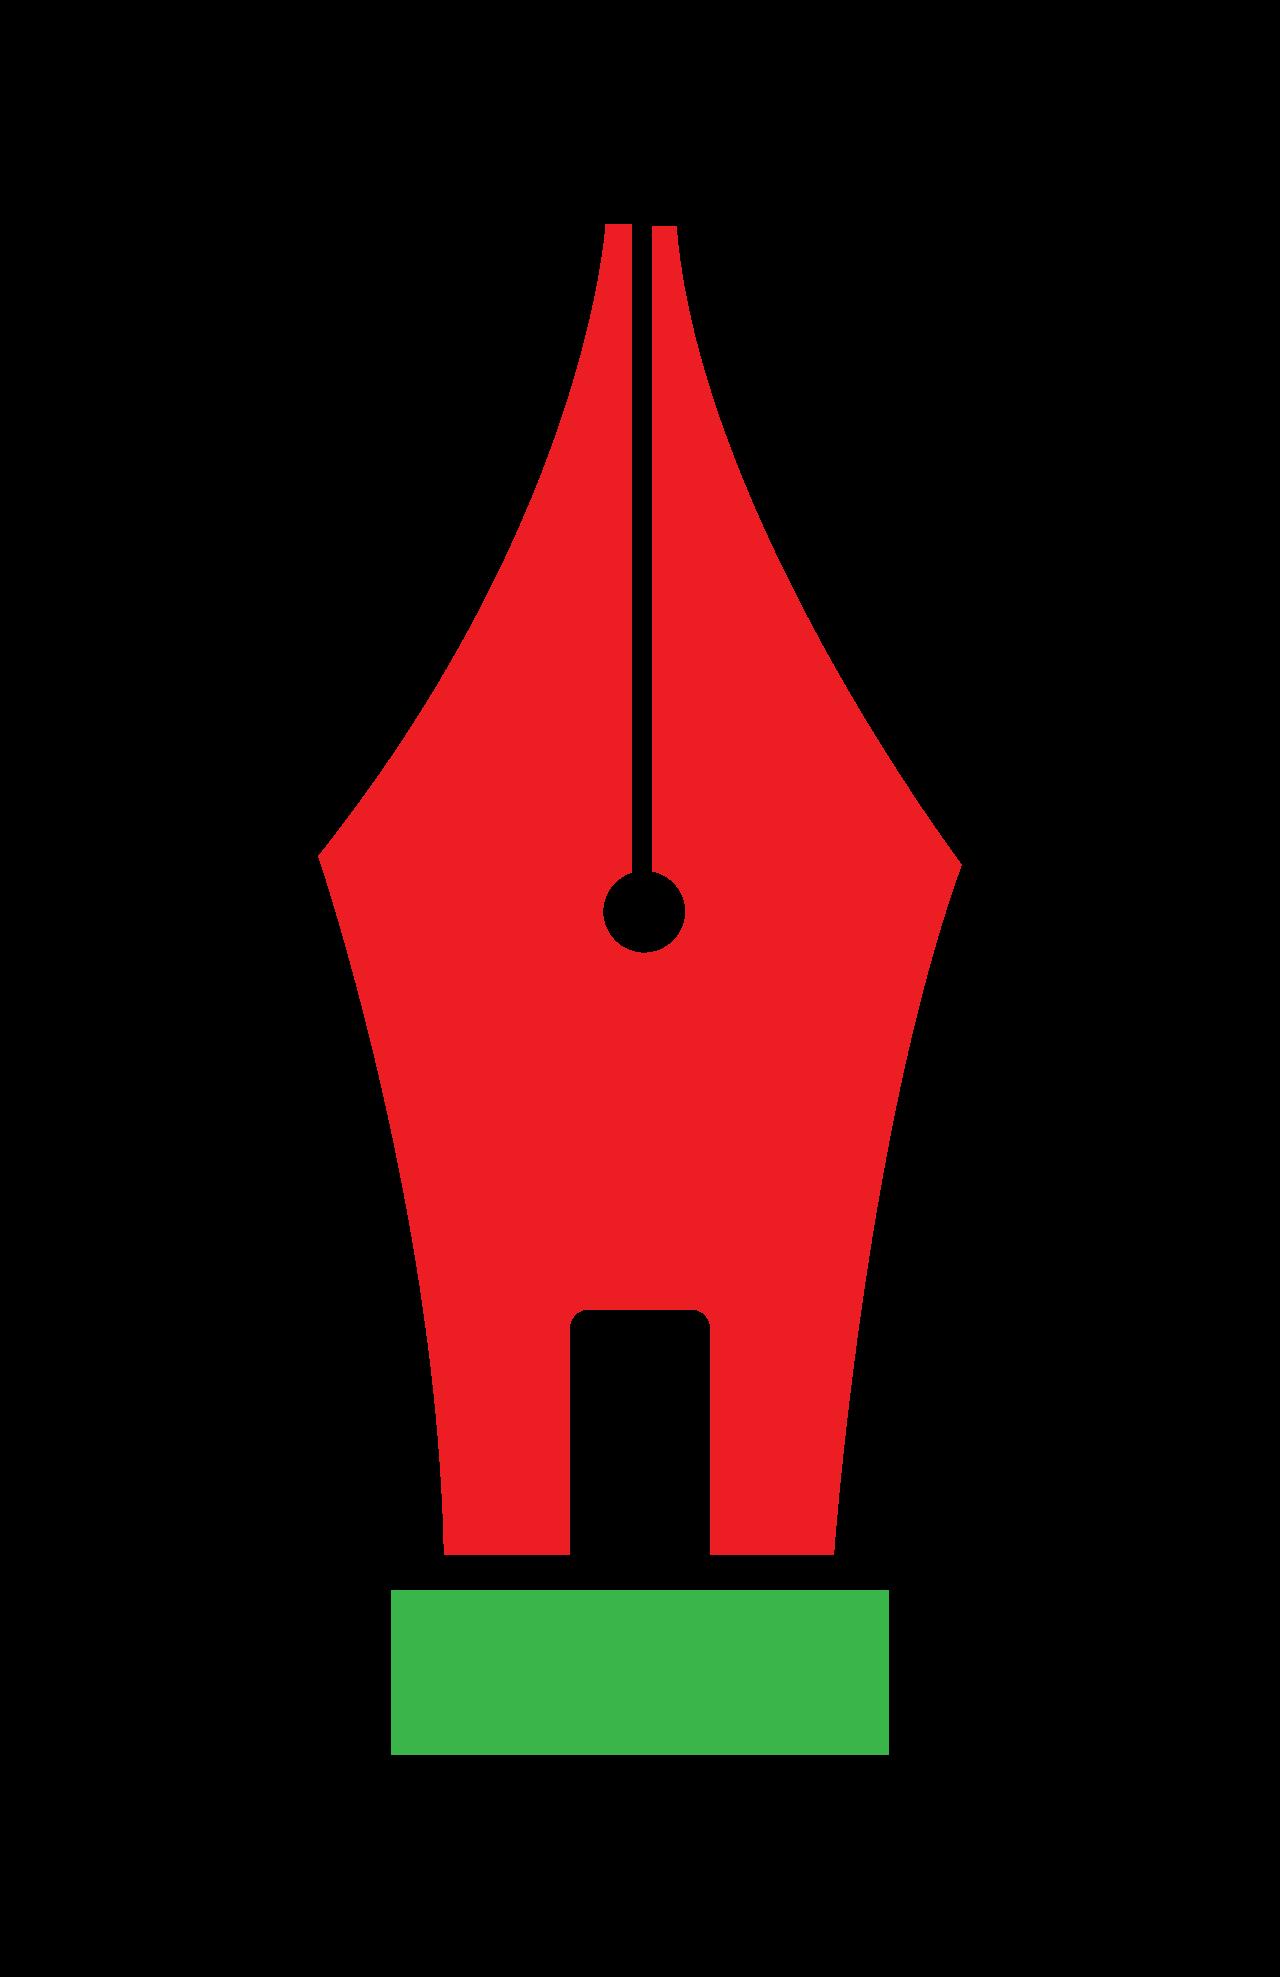 SIMBOLO-FONDO-TRANSPARENTE.png